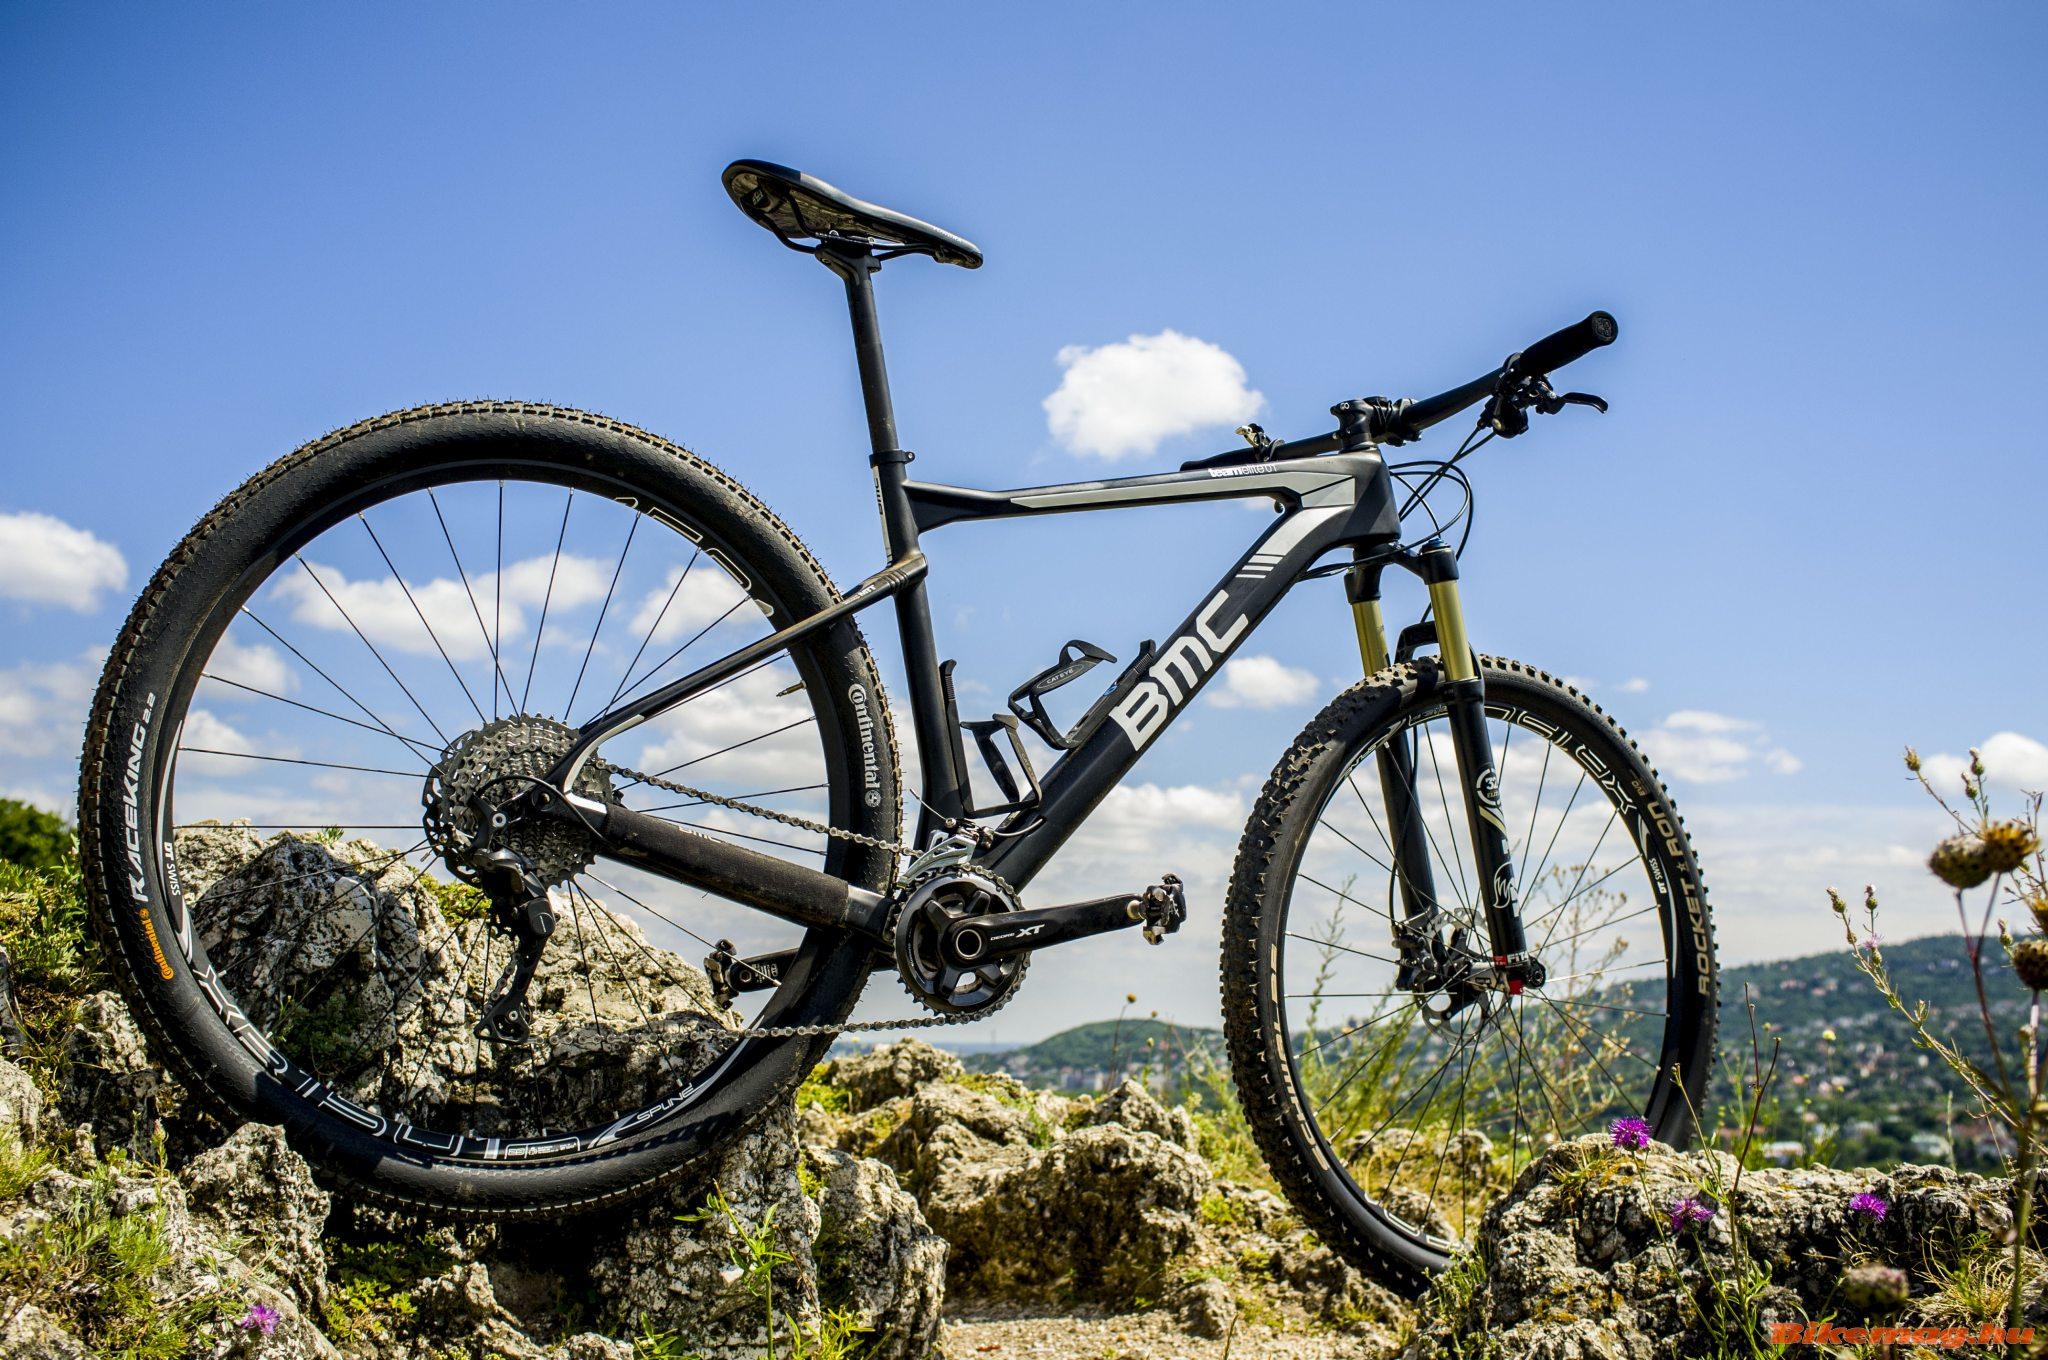 BMC teamelite 01 kerékpárteszt